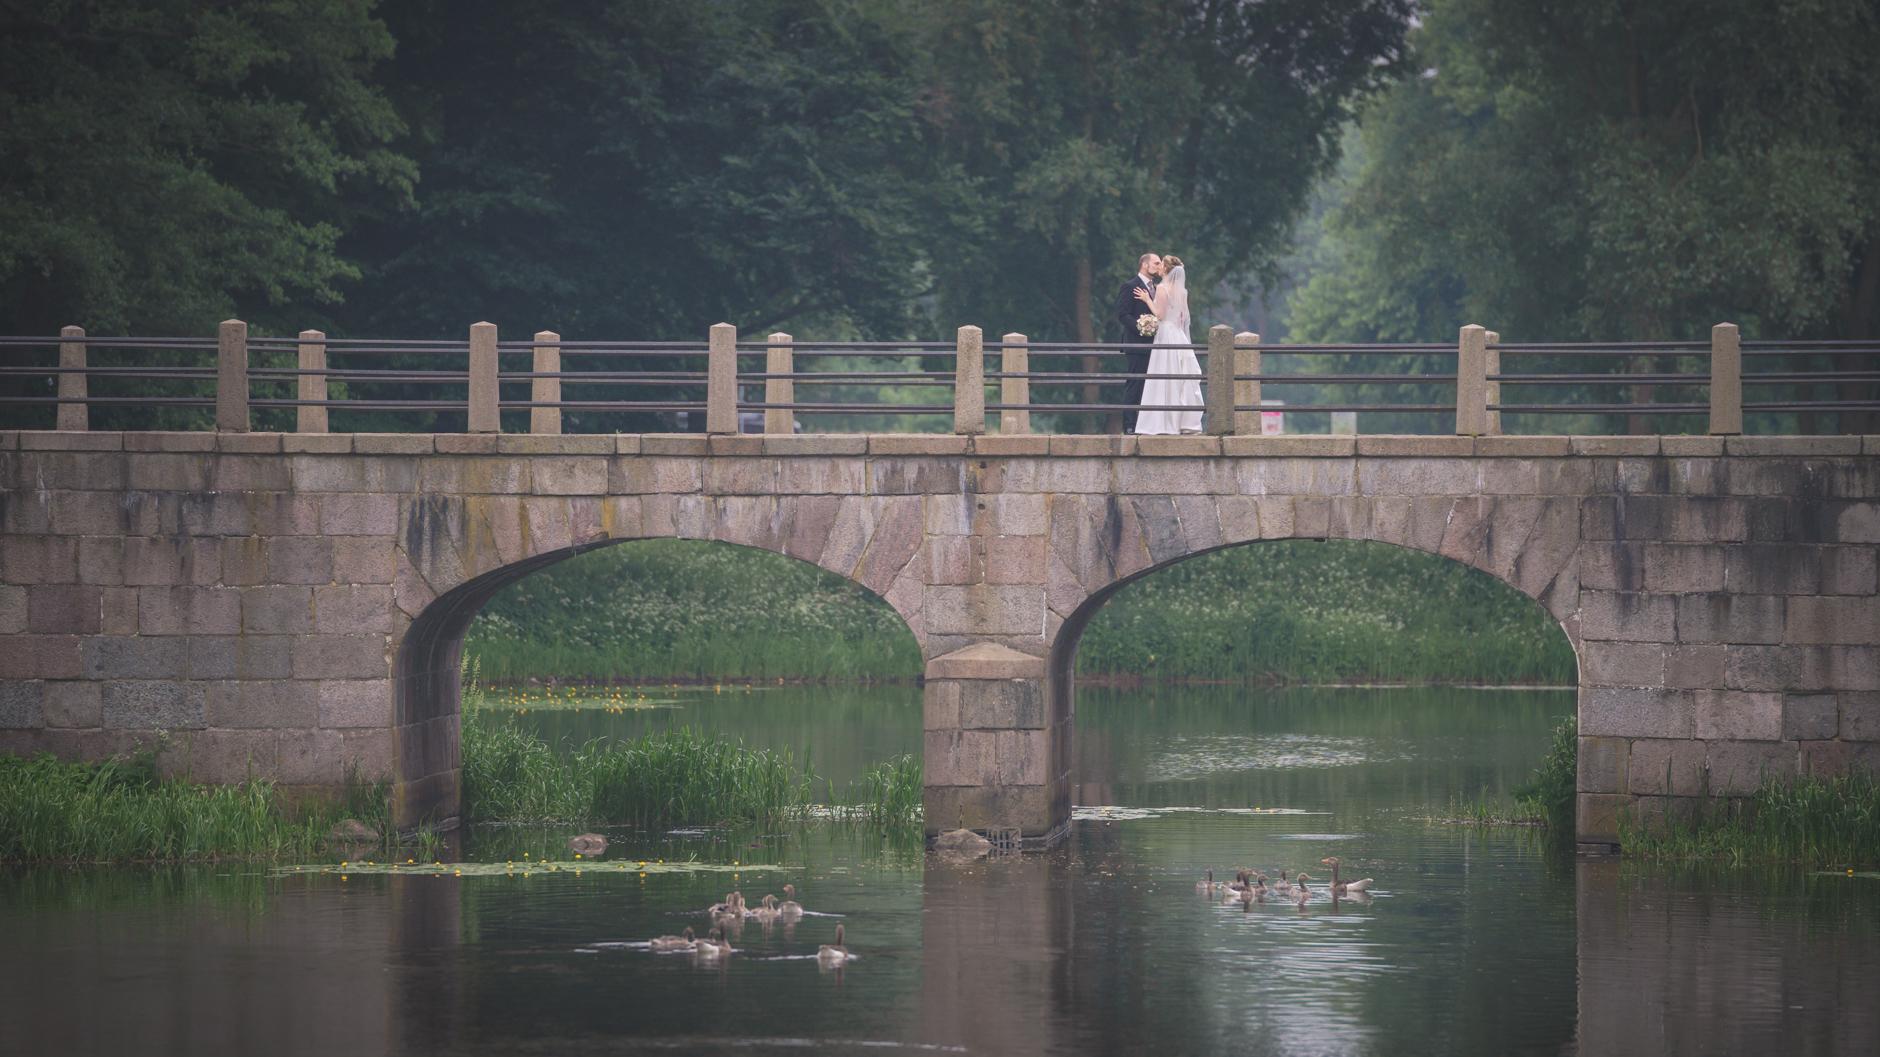 Die Mühle am Ahrensburger Schloß ist immer wieder eine Lieblingslocation unserer Brautpaare